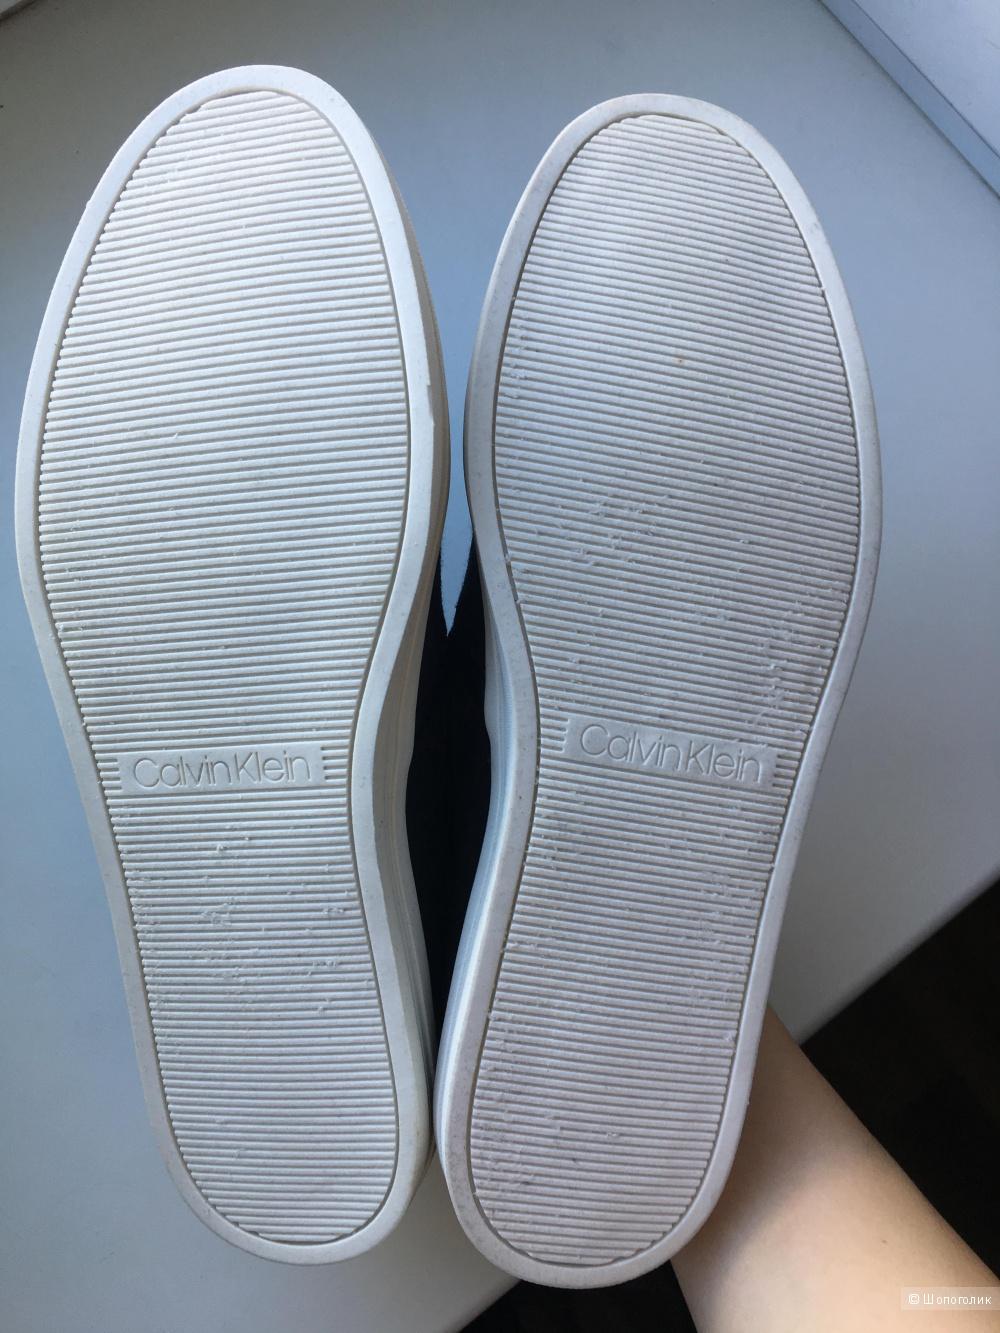 Слипоны Calvin Klein размер 40-41